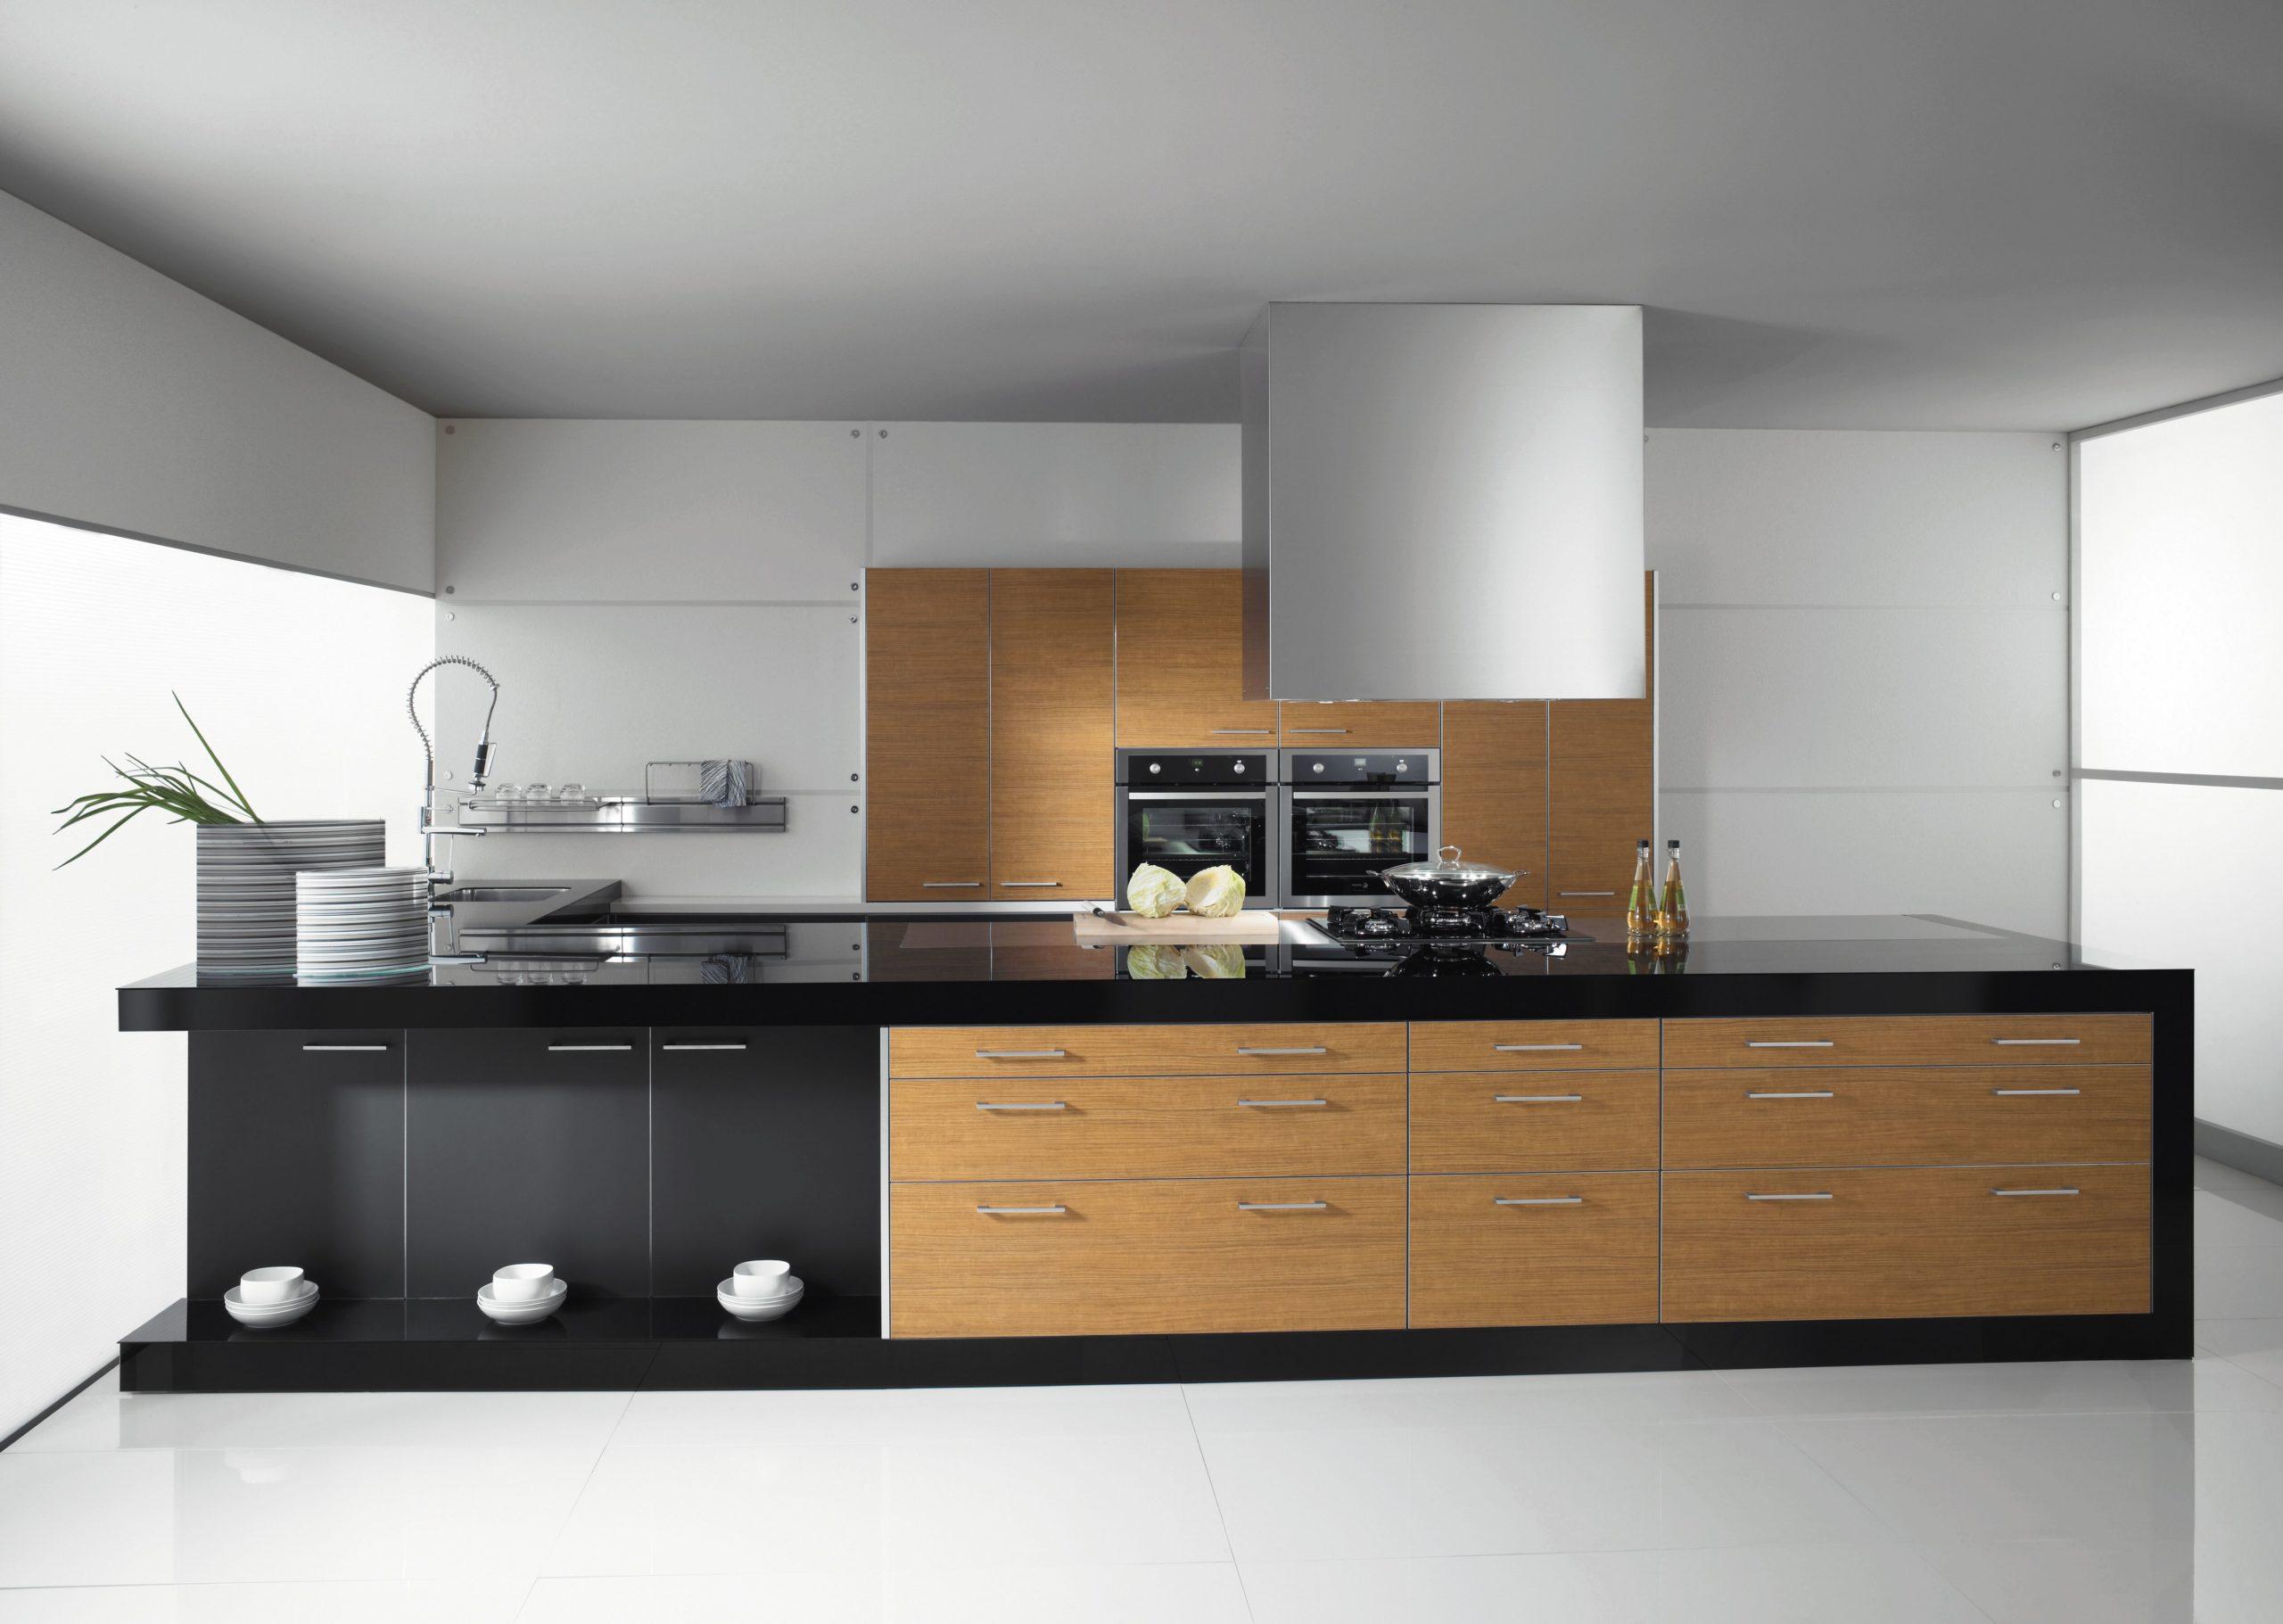 Cocina con gran isla - Diseño e instalación de cocinas - Idecocina